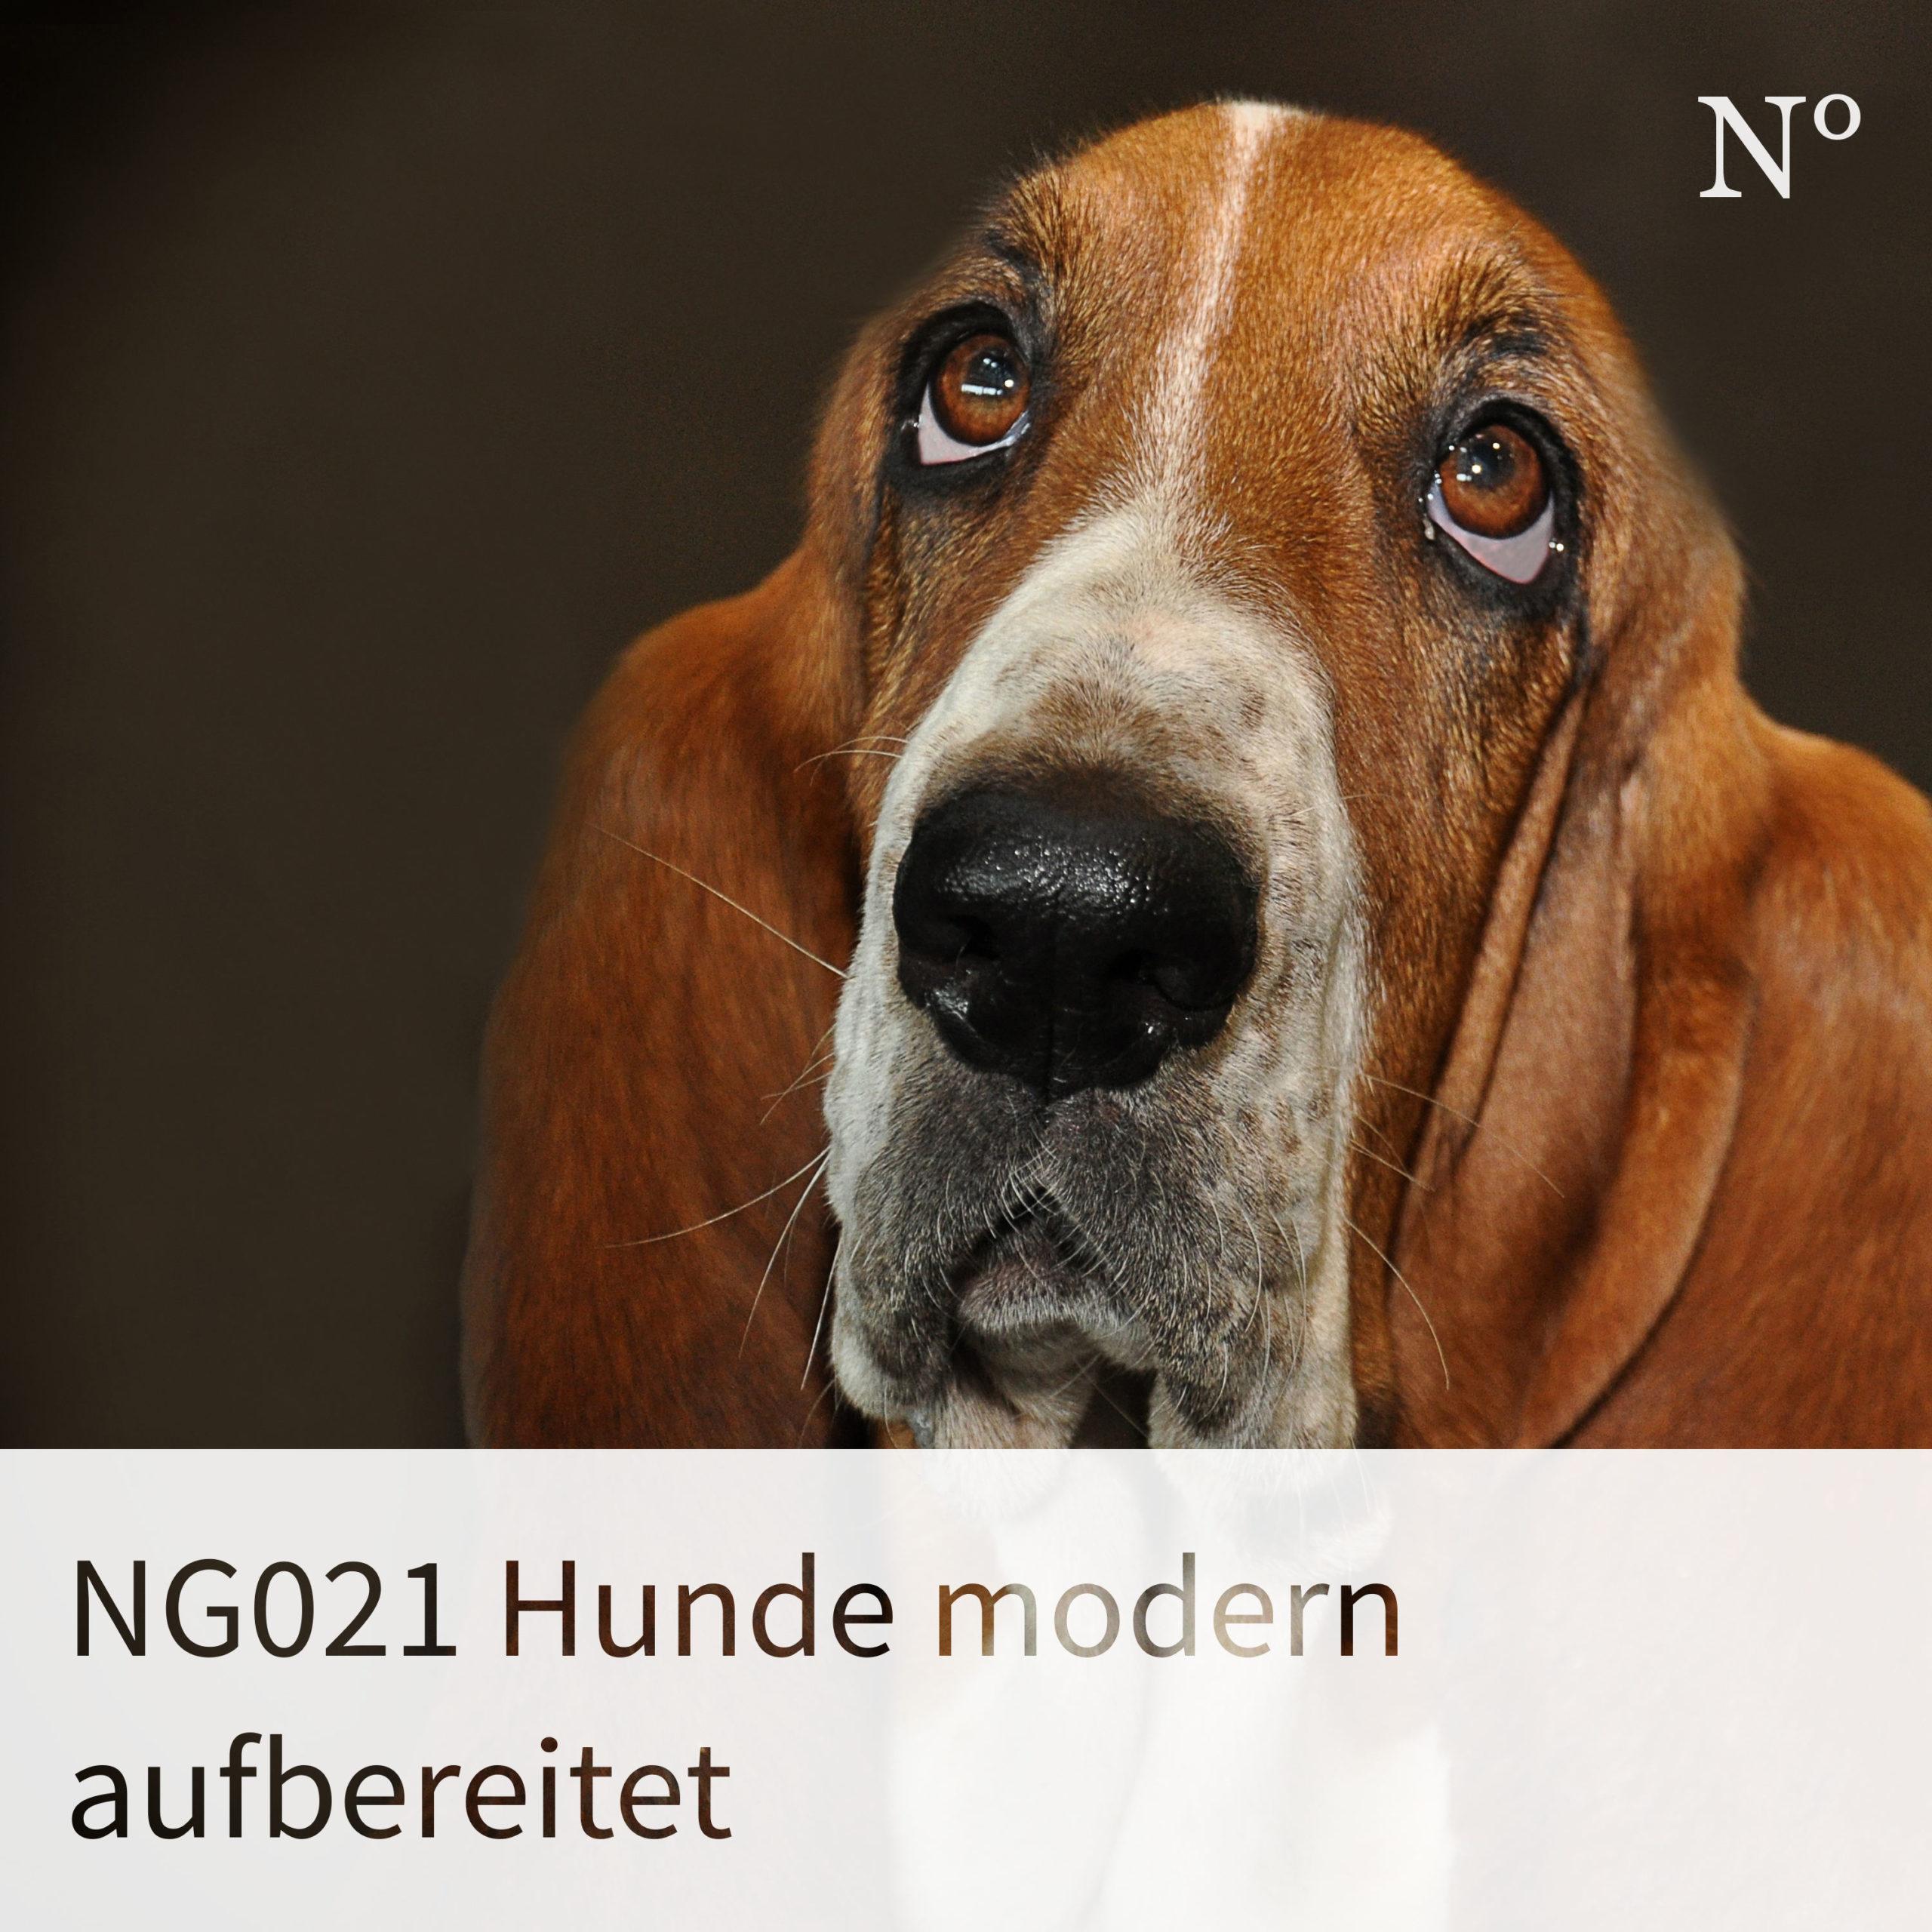 NG021 Hunde modern aufbereitet